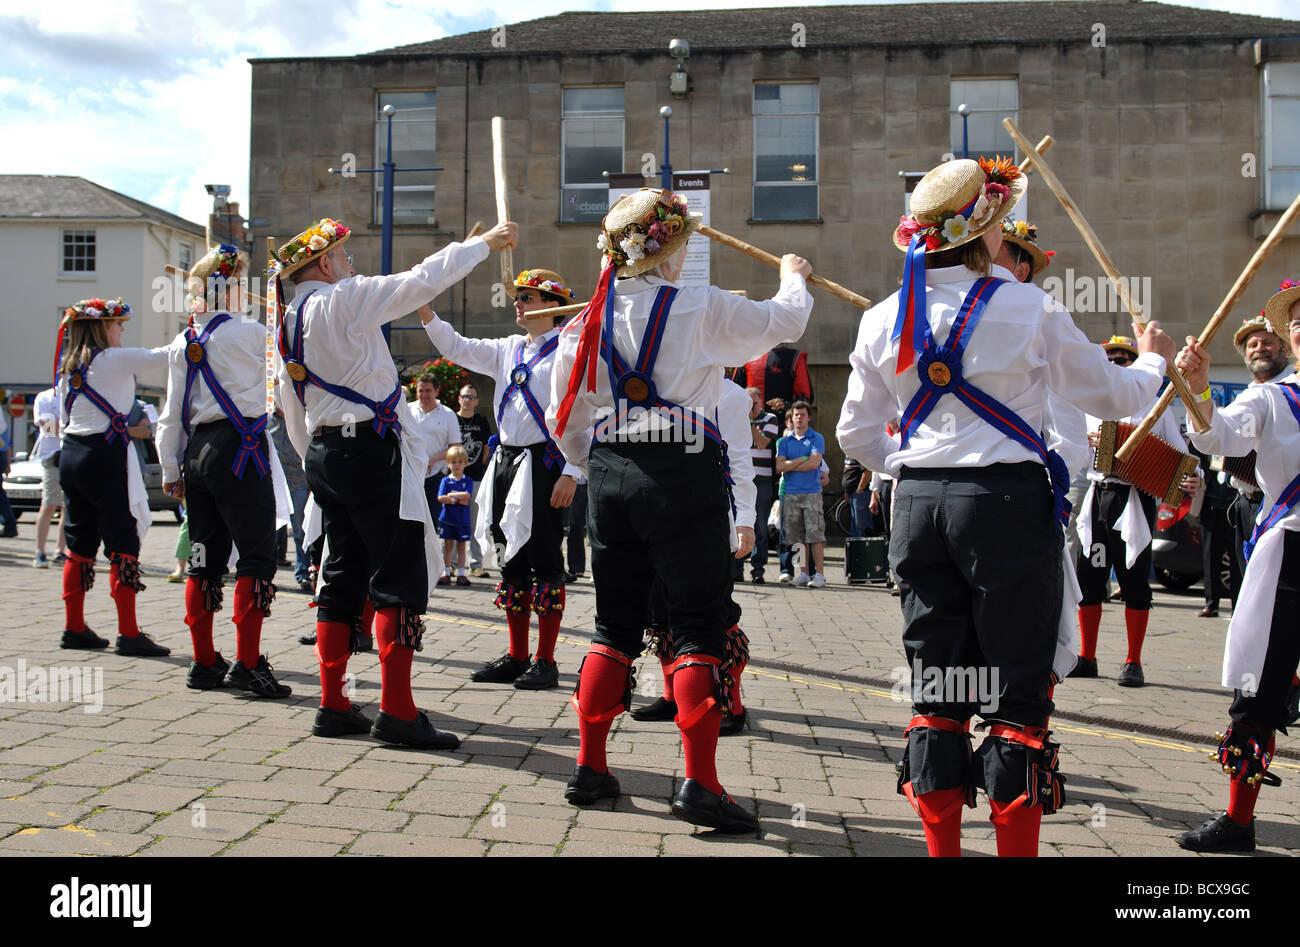 Morris dancing at Warwick Folk Festival, UK - Stock Image